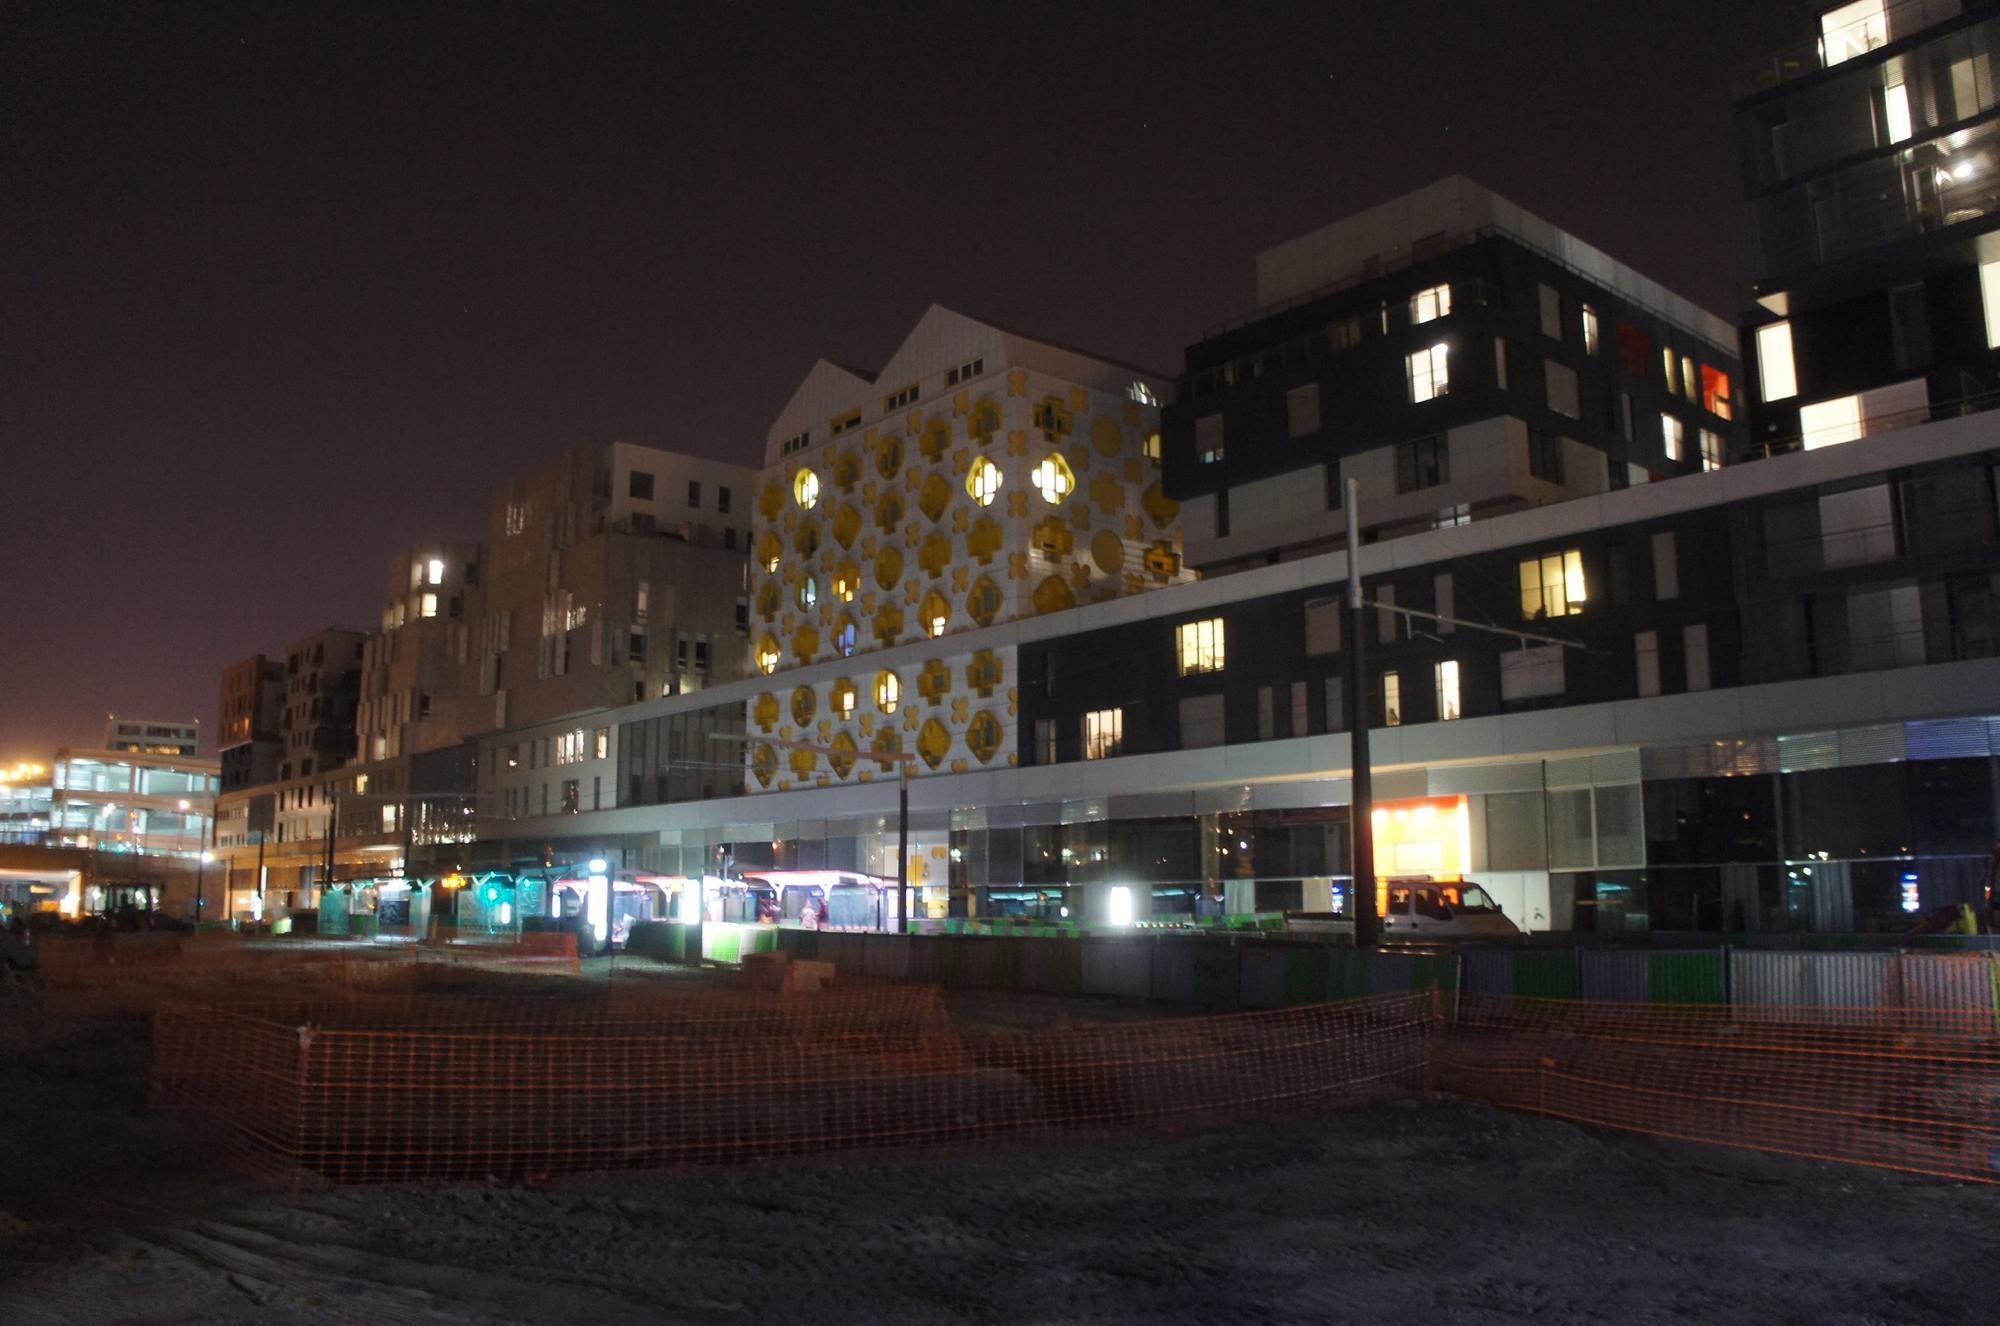 nuitblanche_2015_DSC01827.jpg